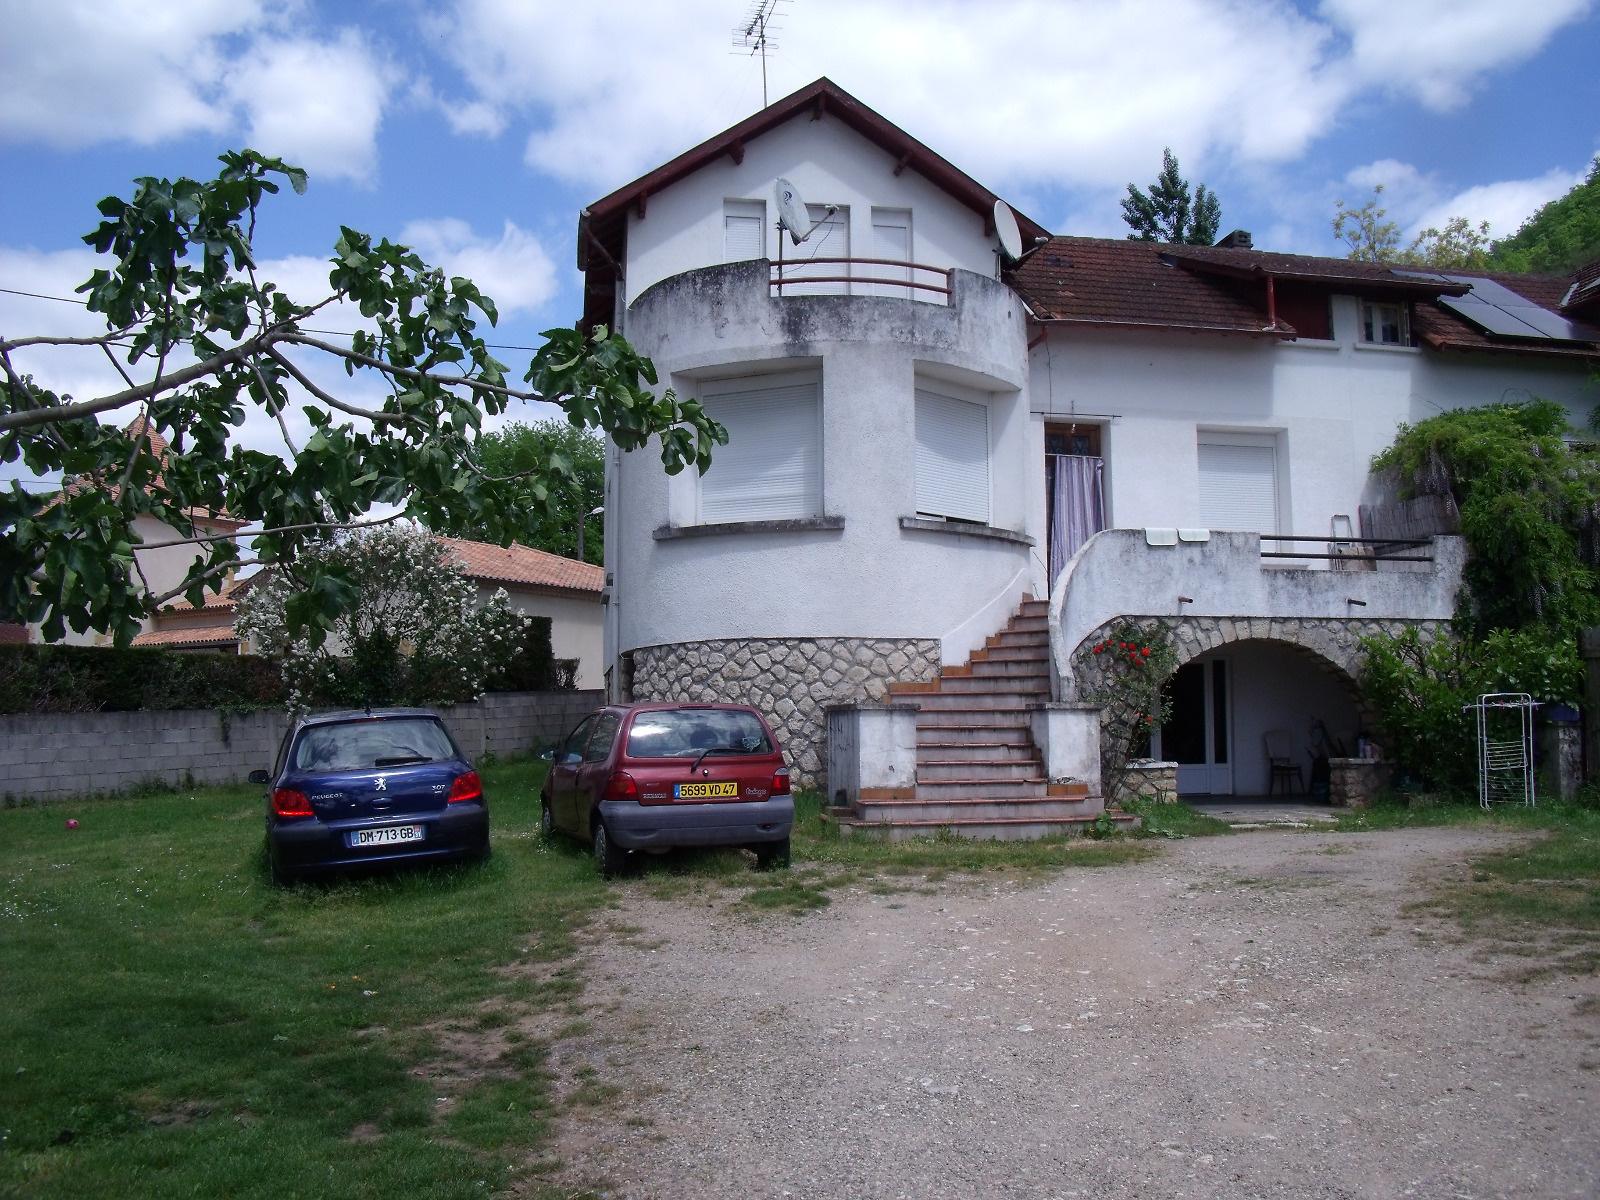 Vente maison/villa 5 pièces fumel 47500